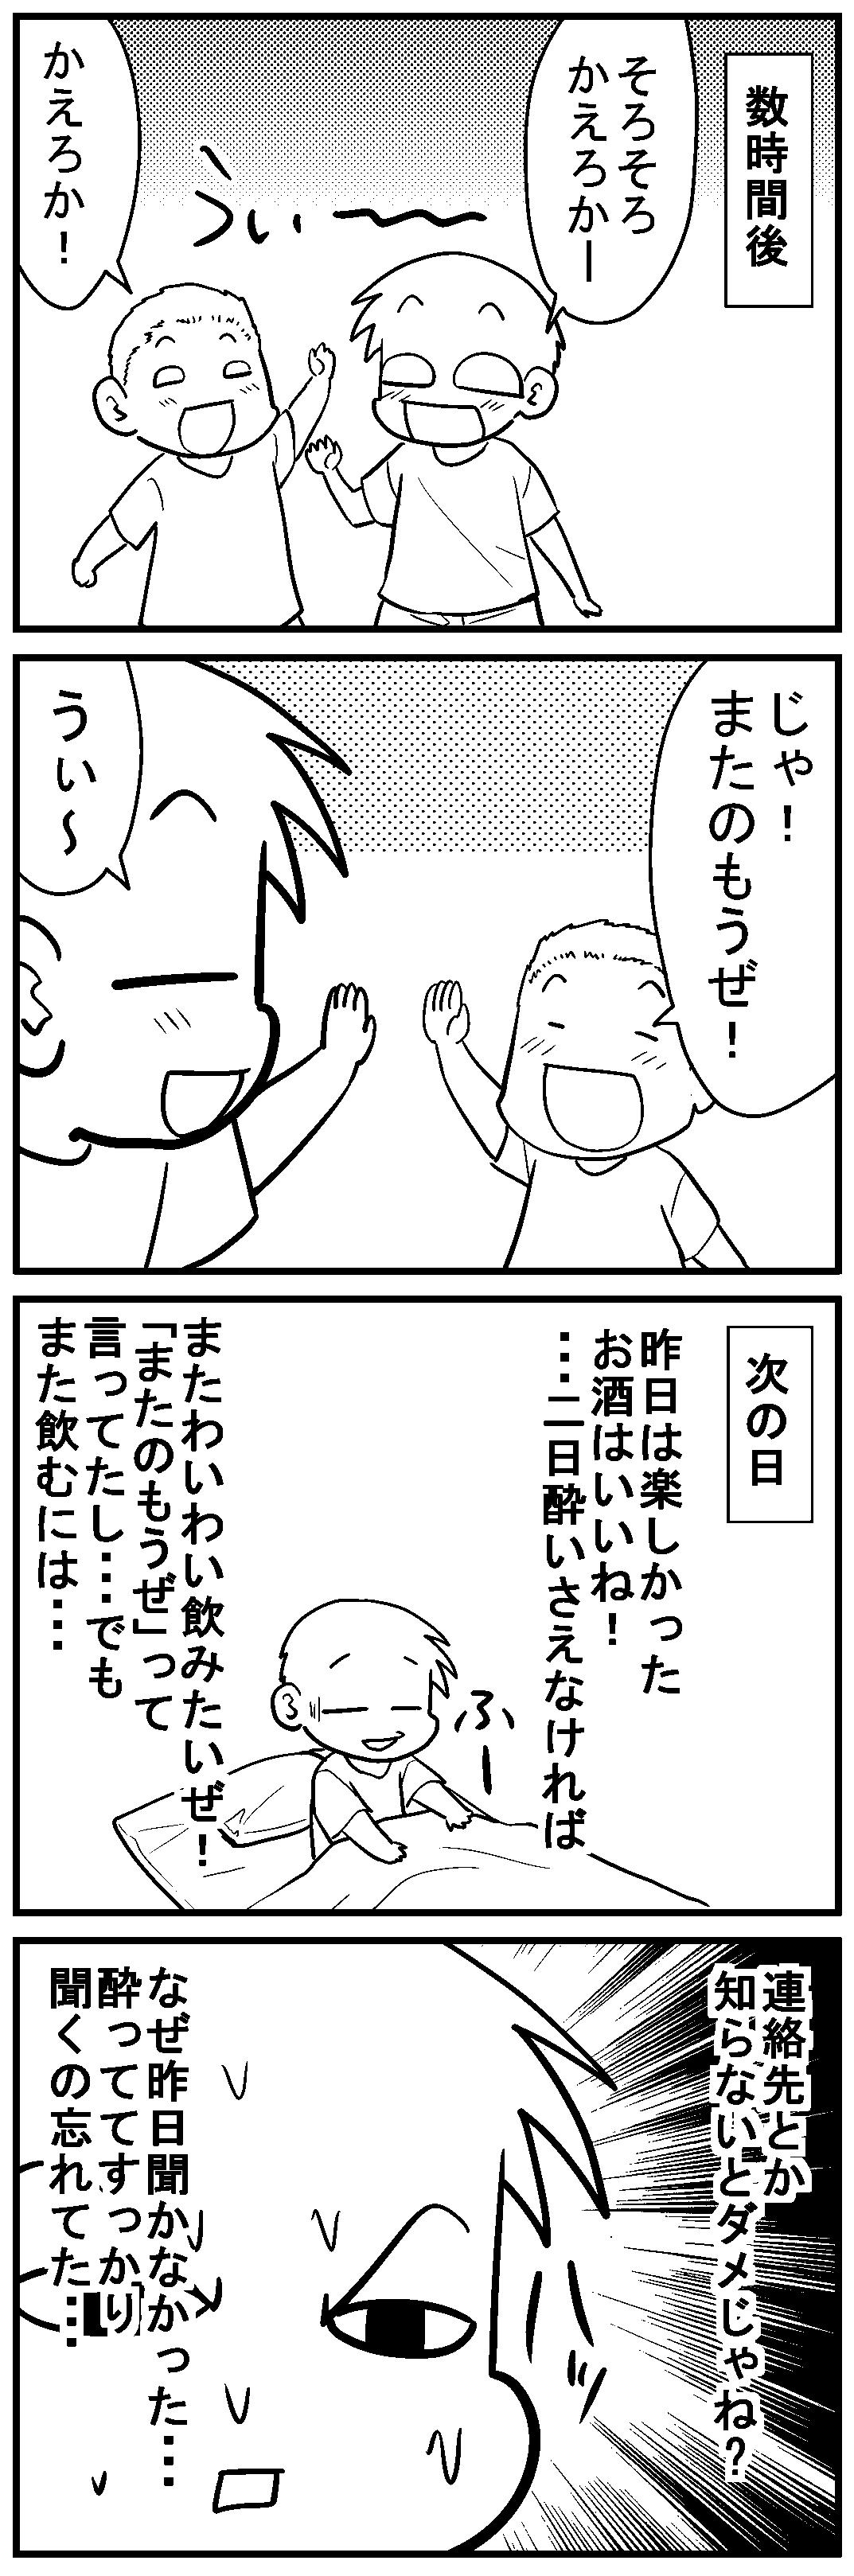 深読みくん78-3